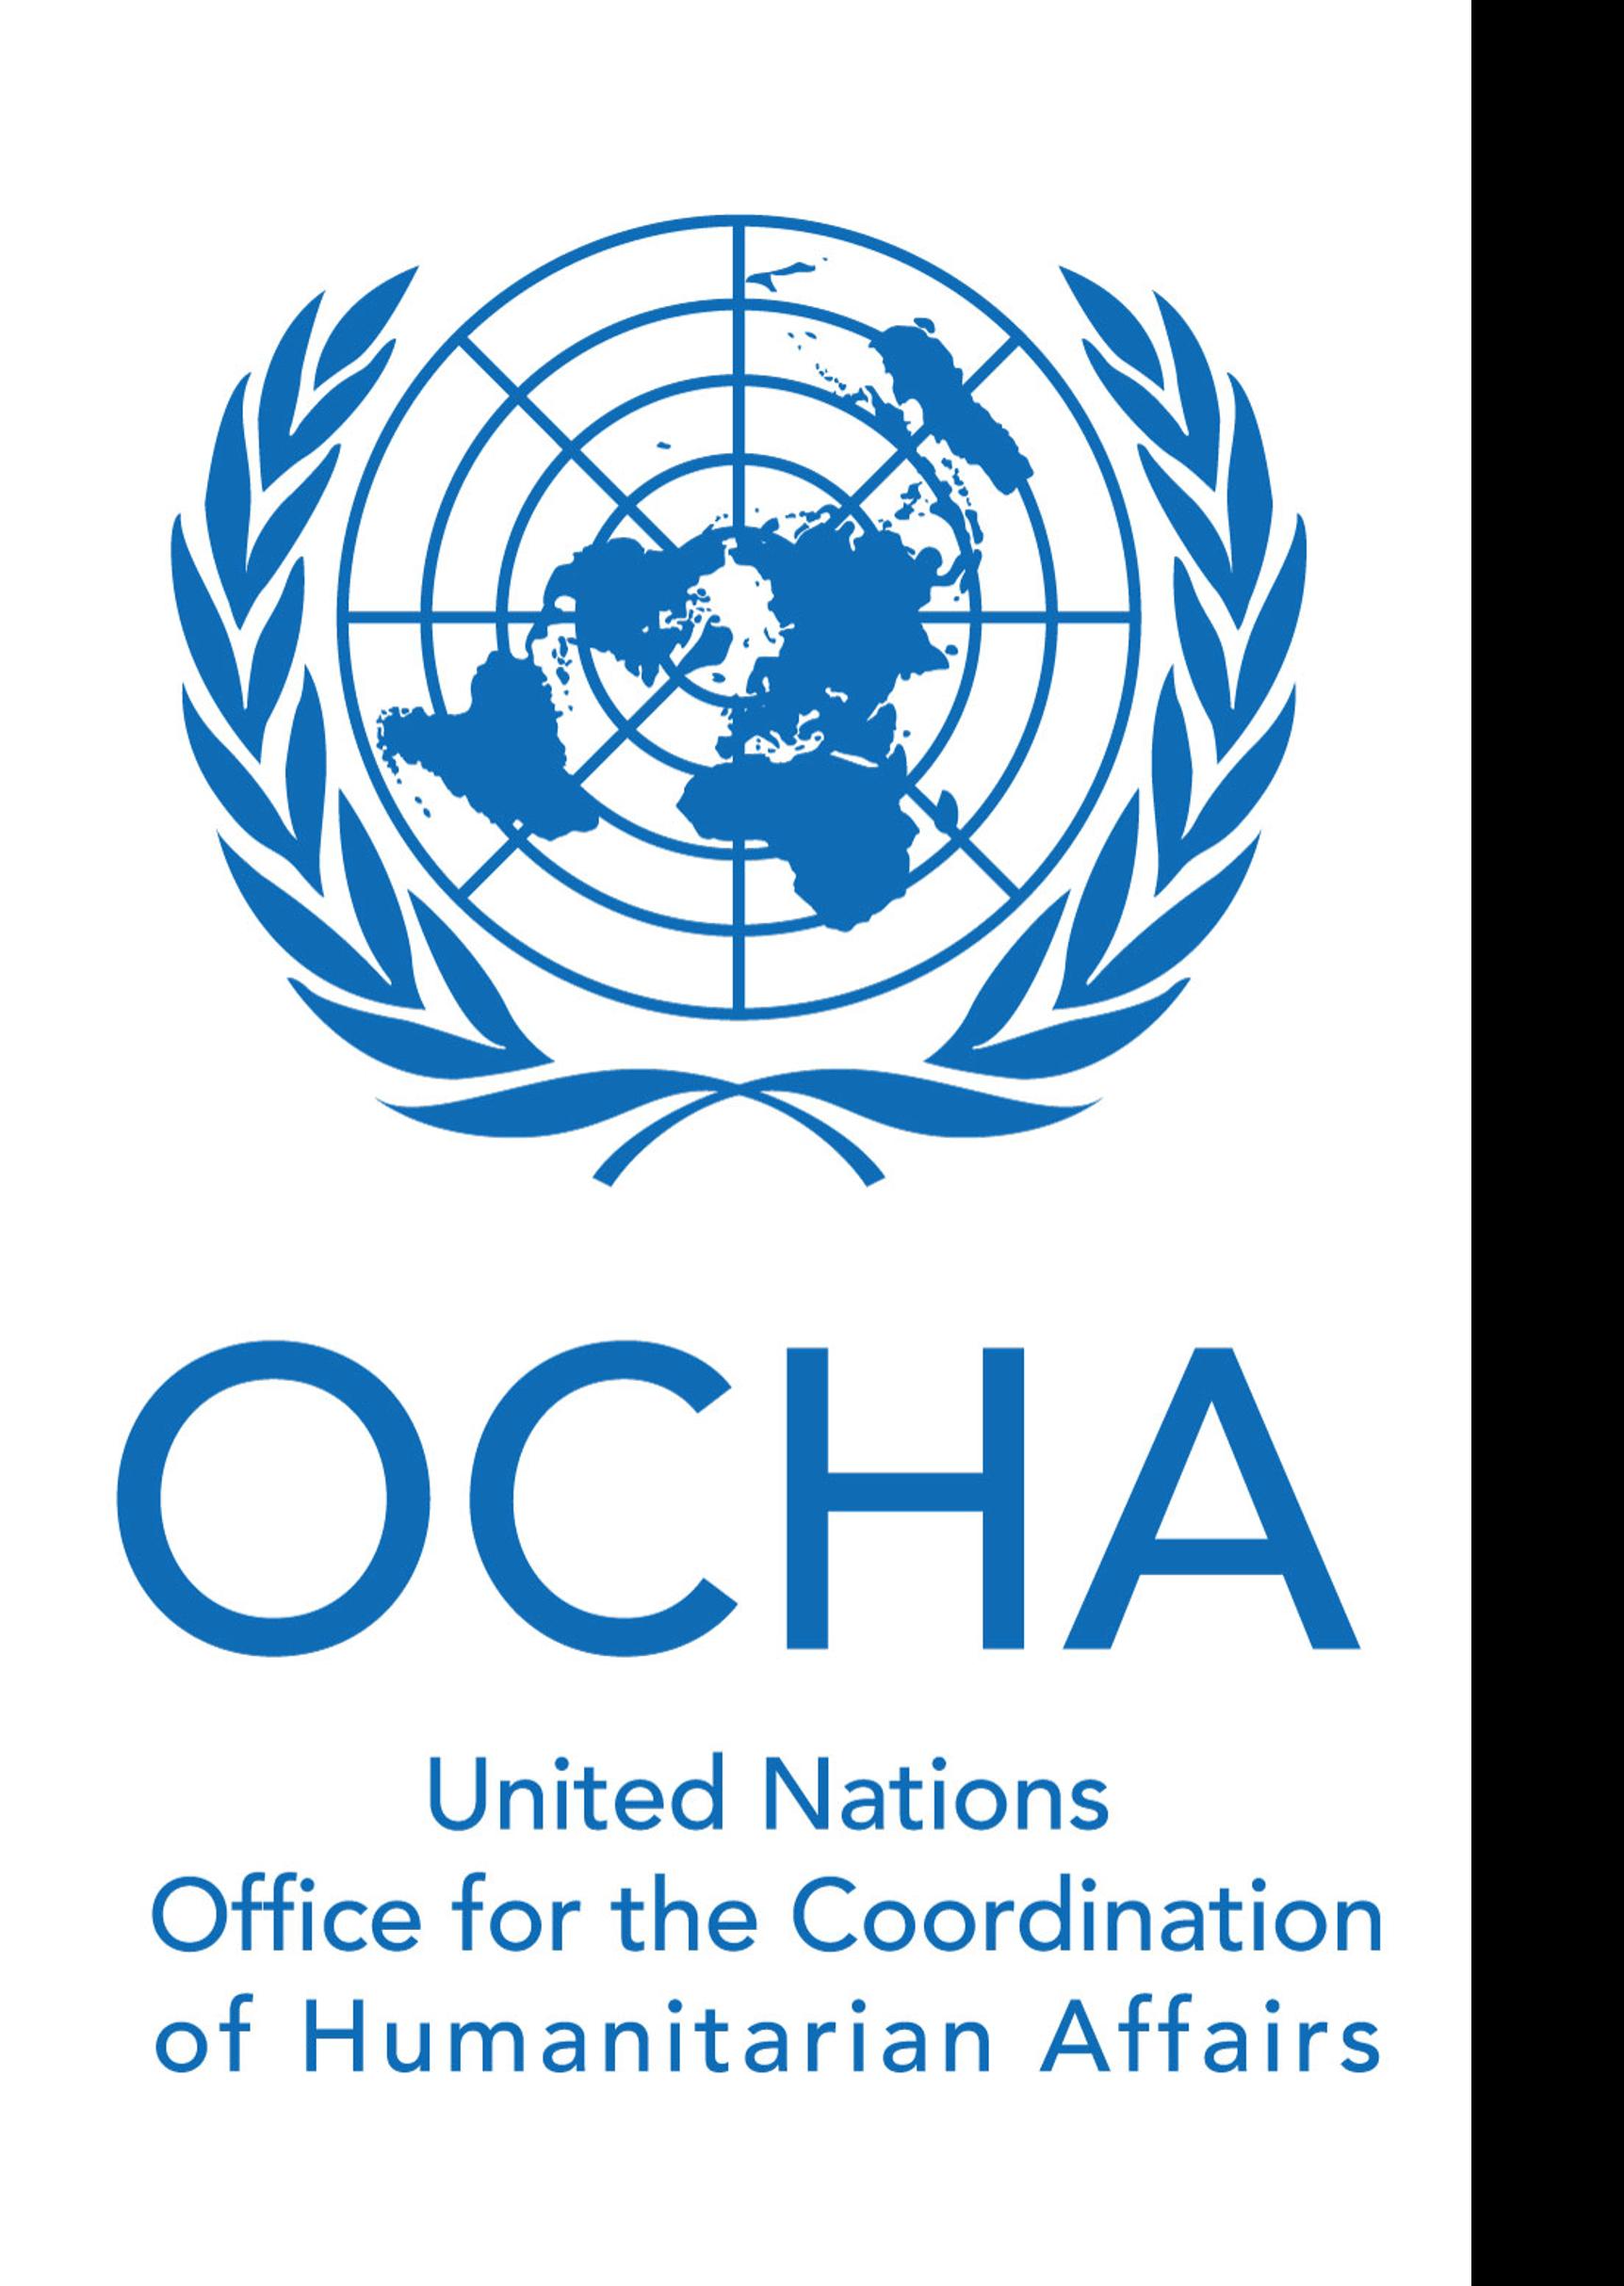 UN OCHA logo